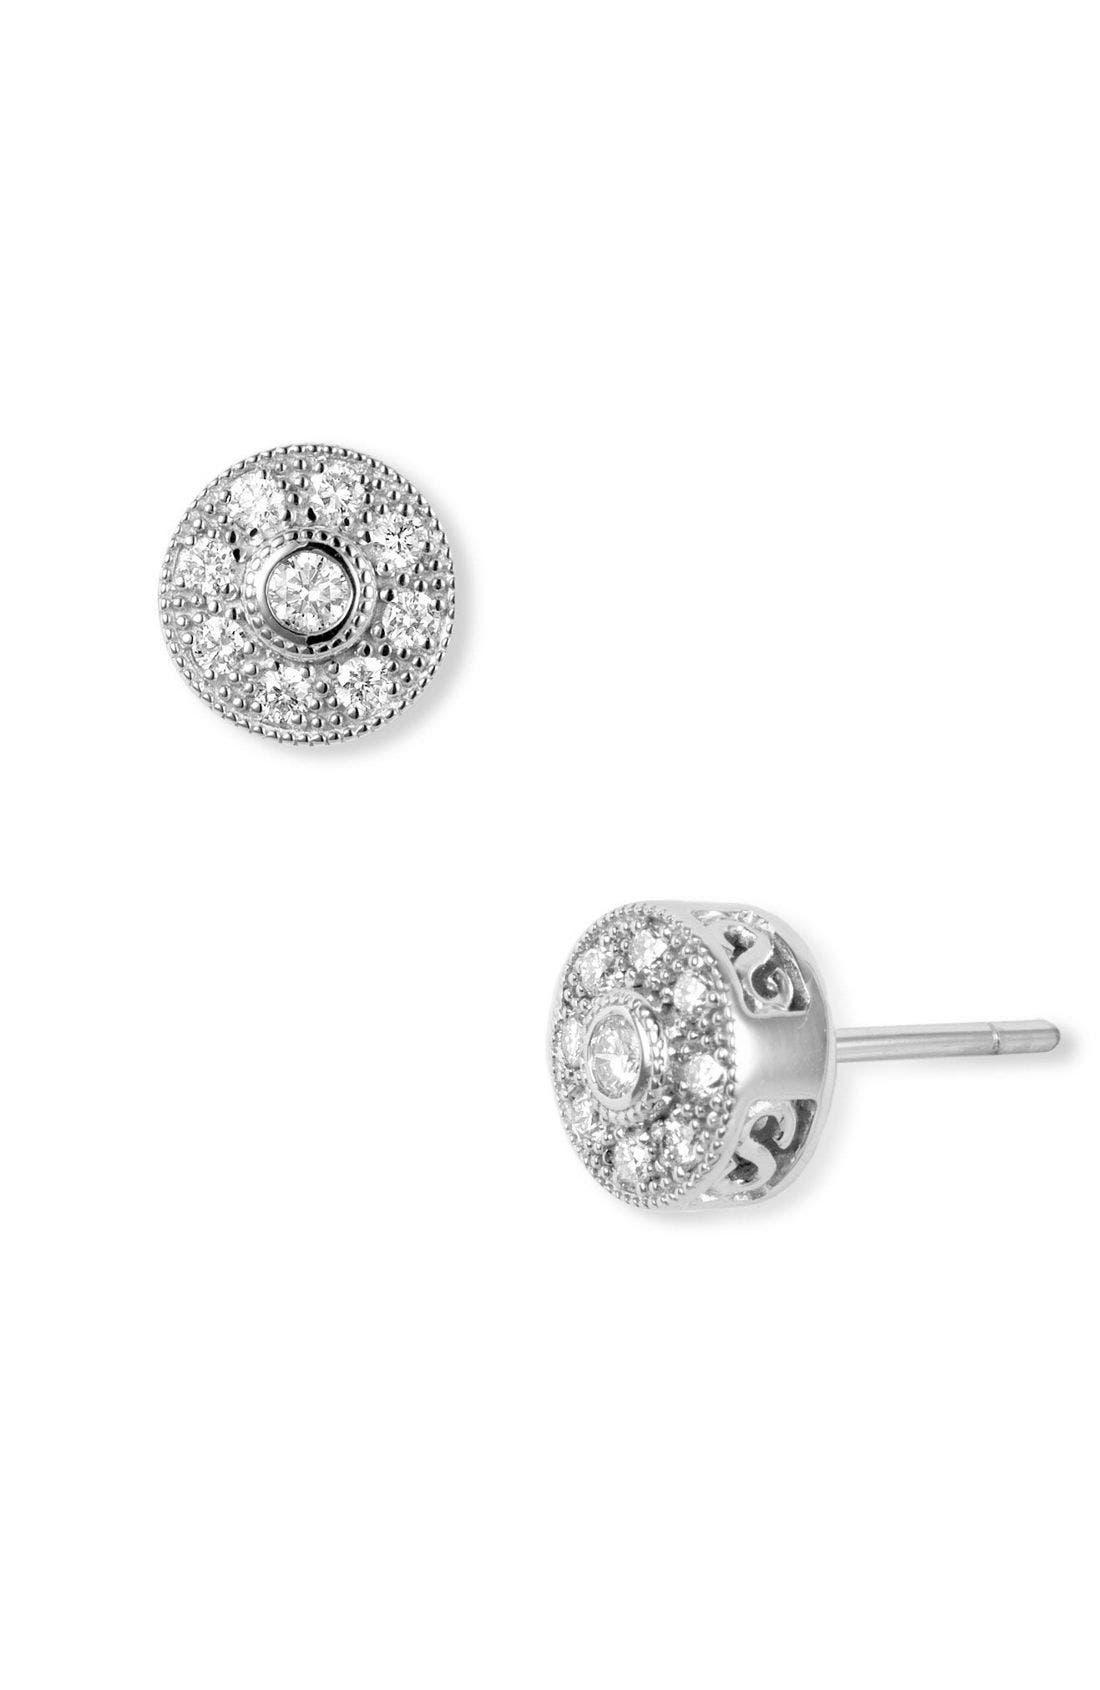 Main Image - ALOR® Diamond Stud Earrings